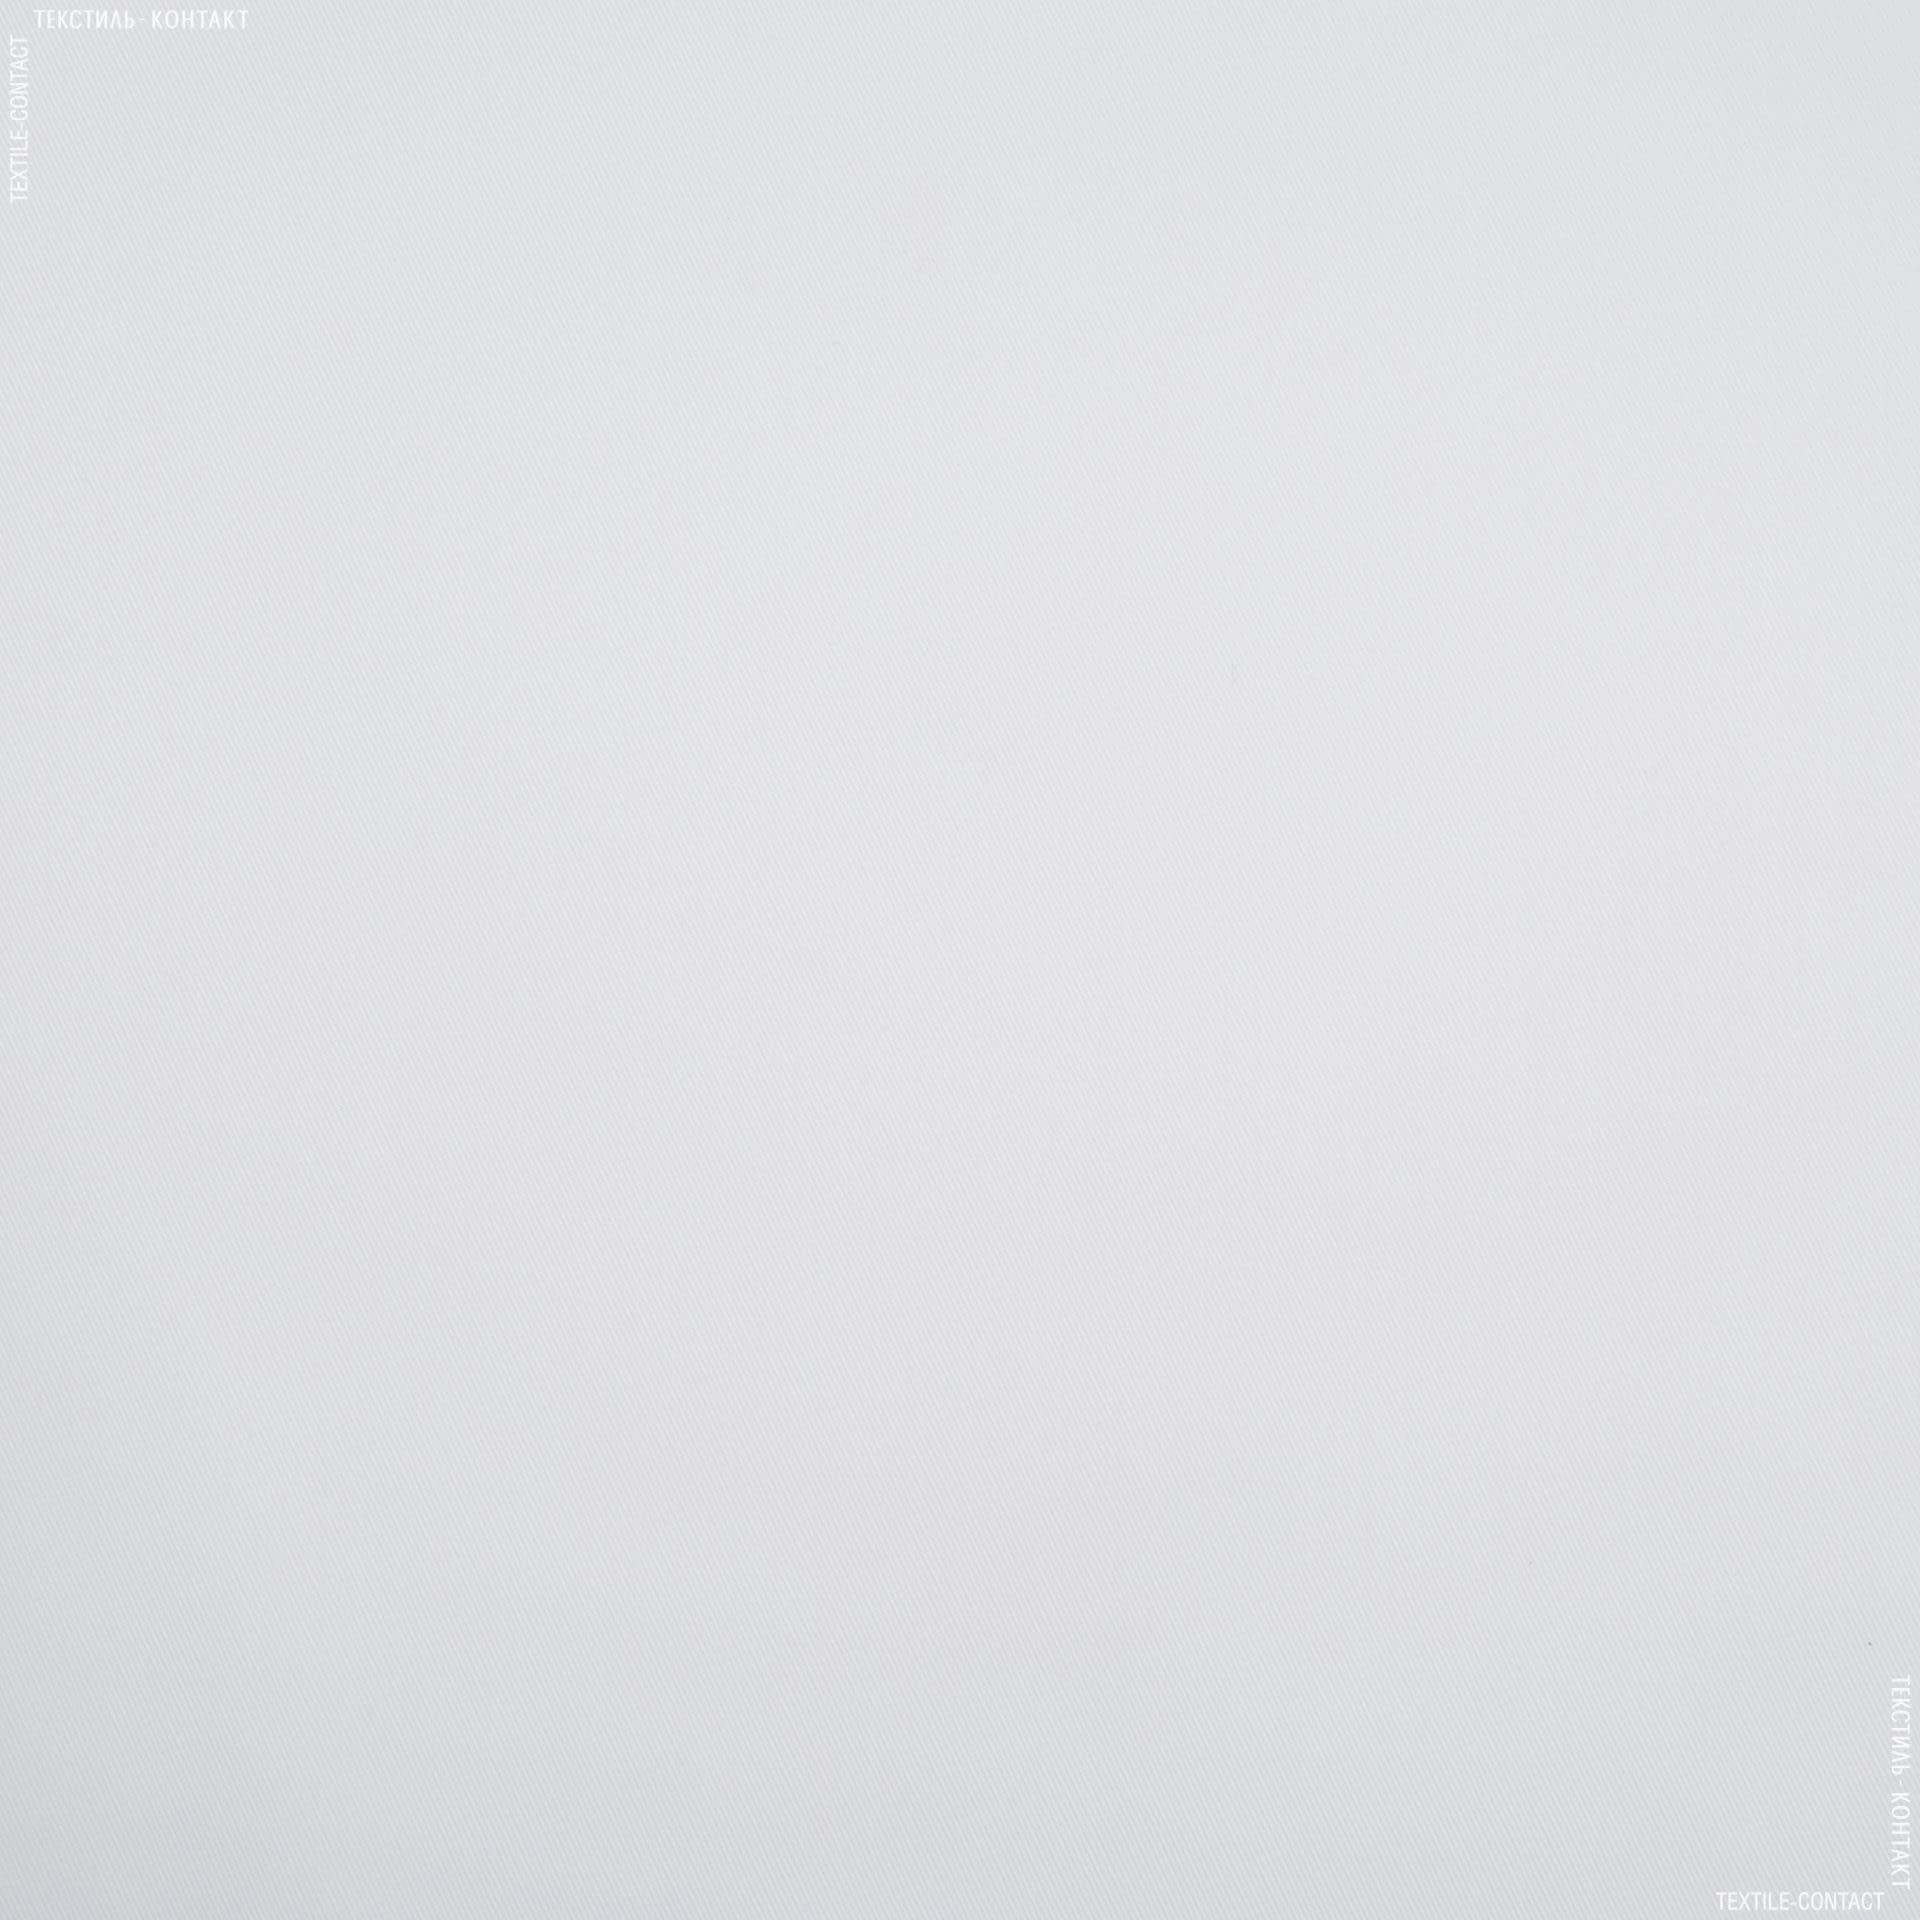 Тканини для рюкзаків - Саржа юпитер-1 білий